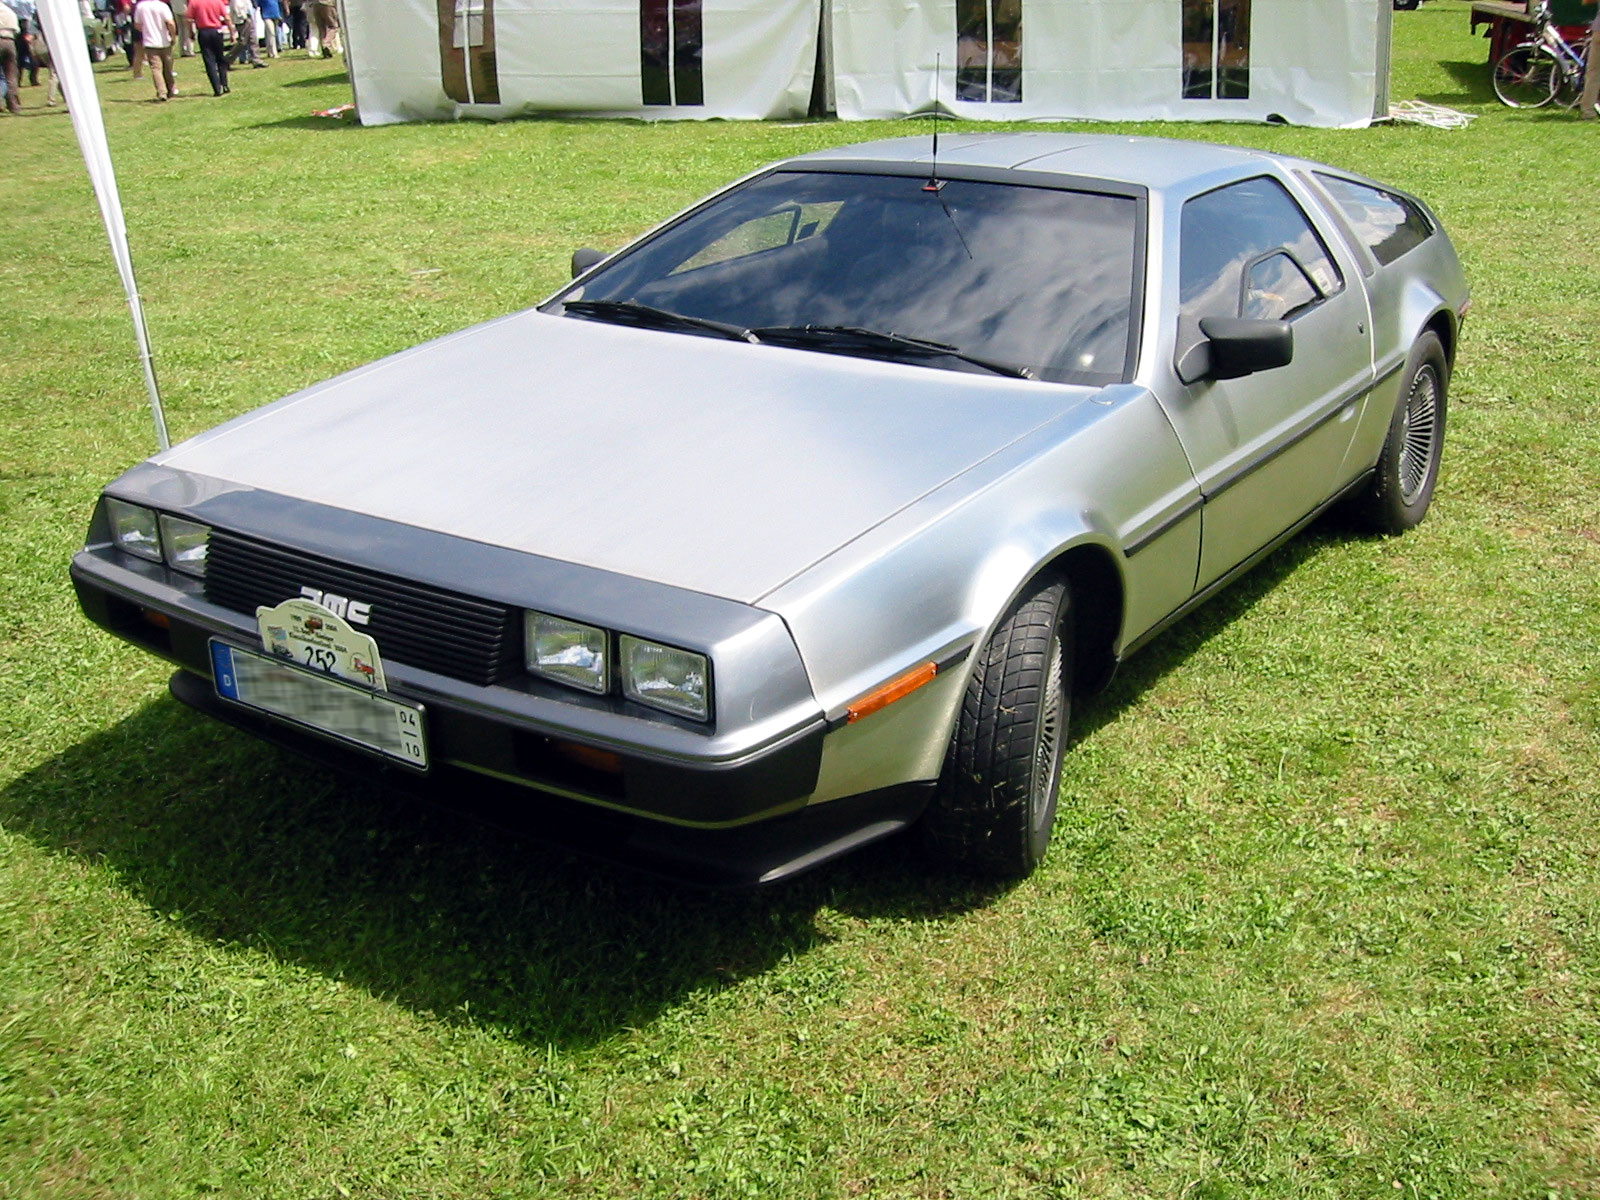 Delorean motor company wikipedia autos post for Frederick subaru motor company